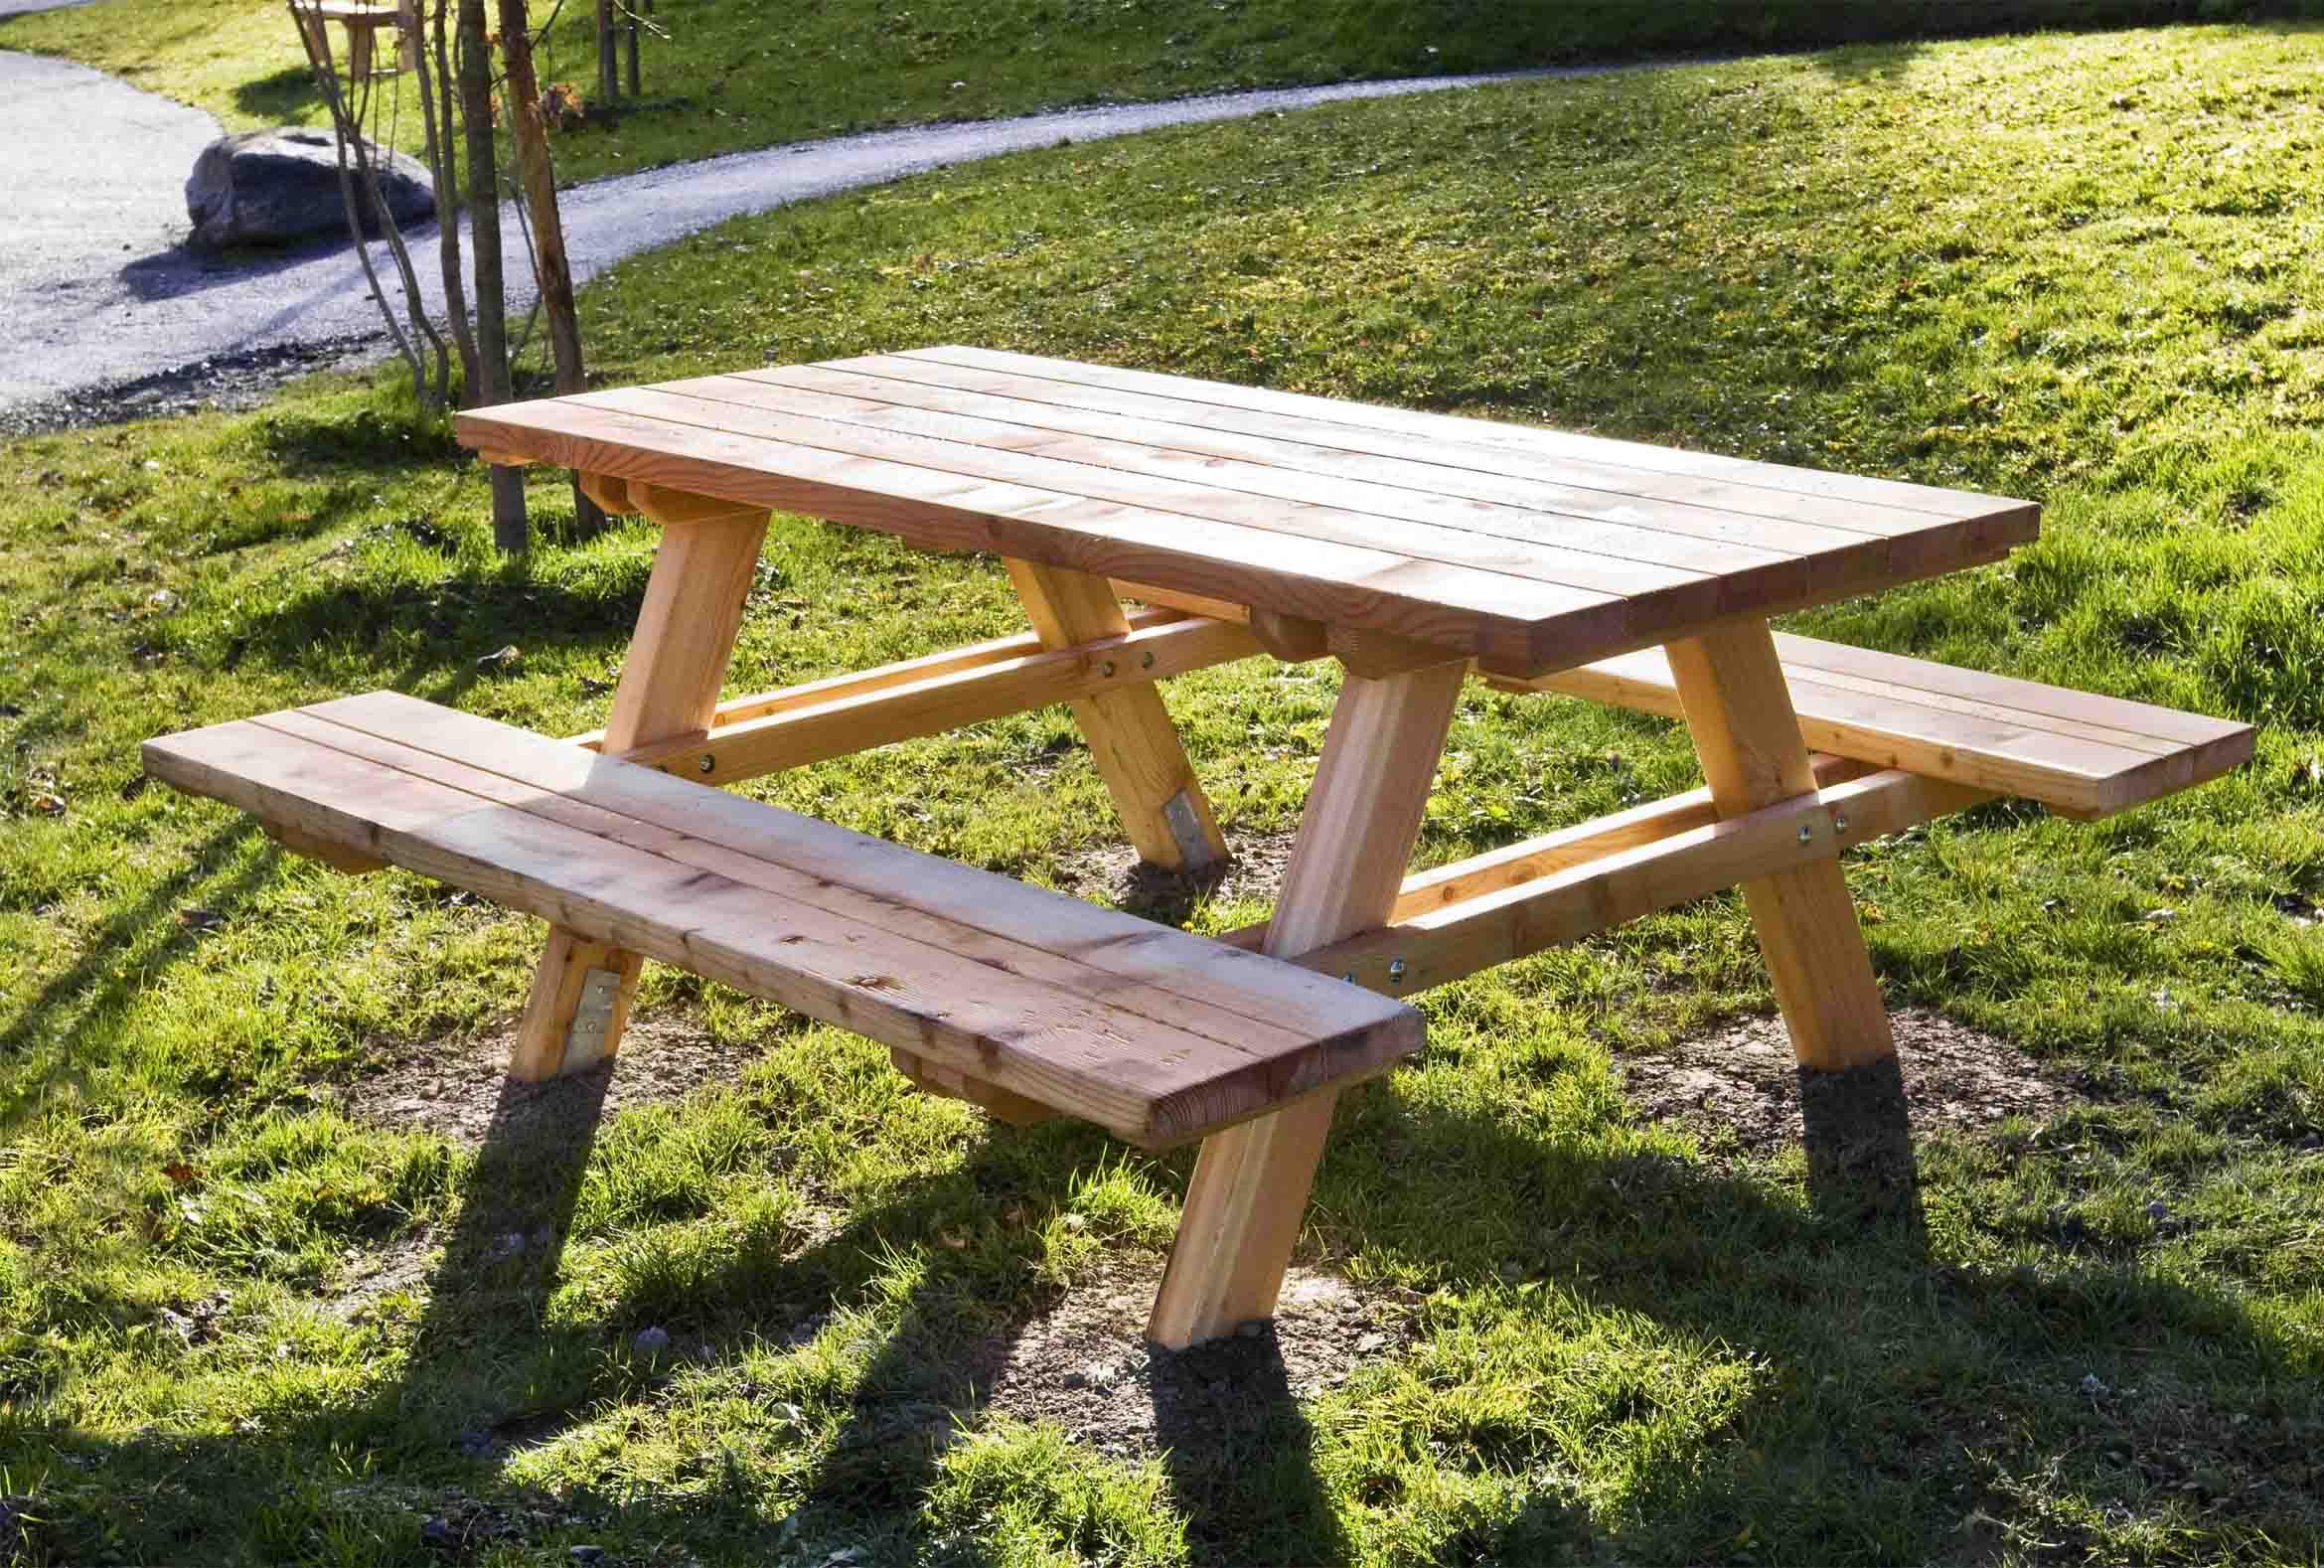 Tavolo Stelvio in legno di larice realizzato da Linea Montanalegno - ILT